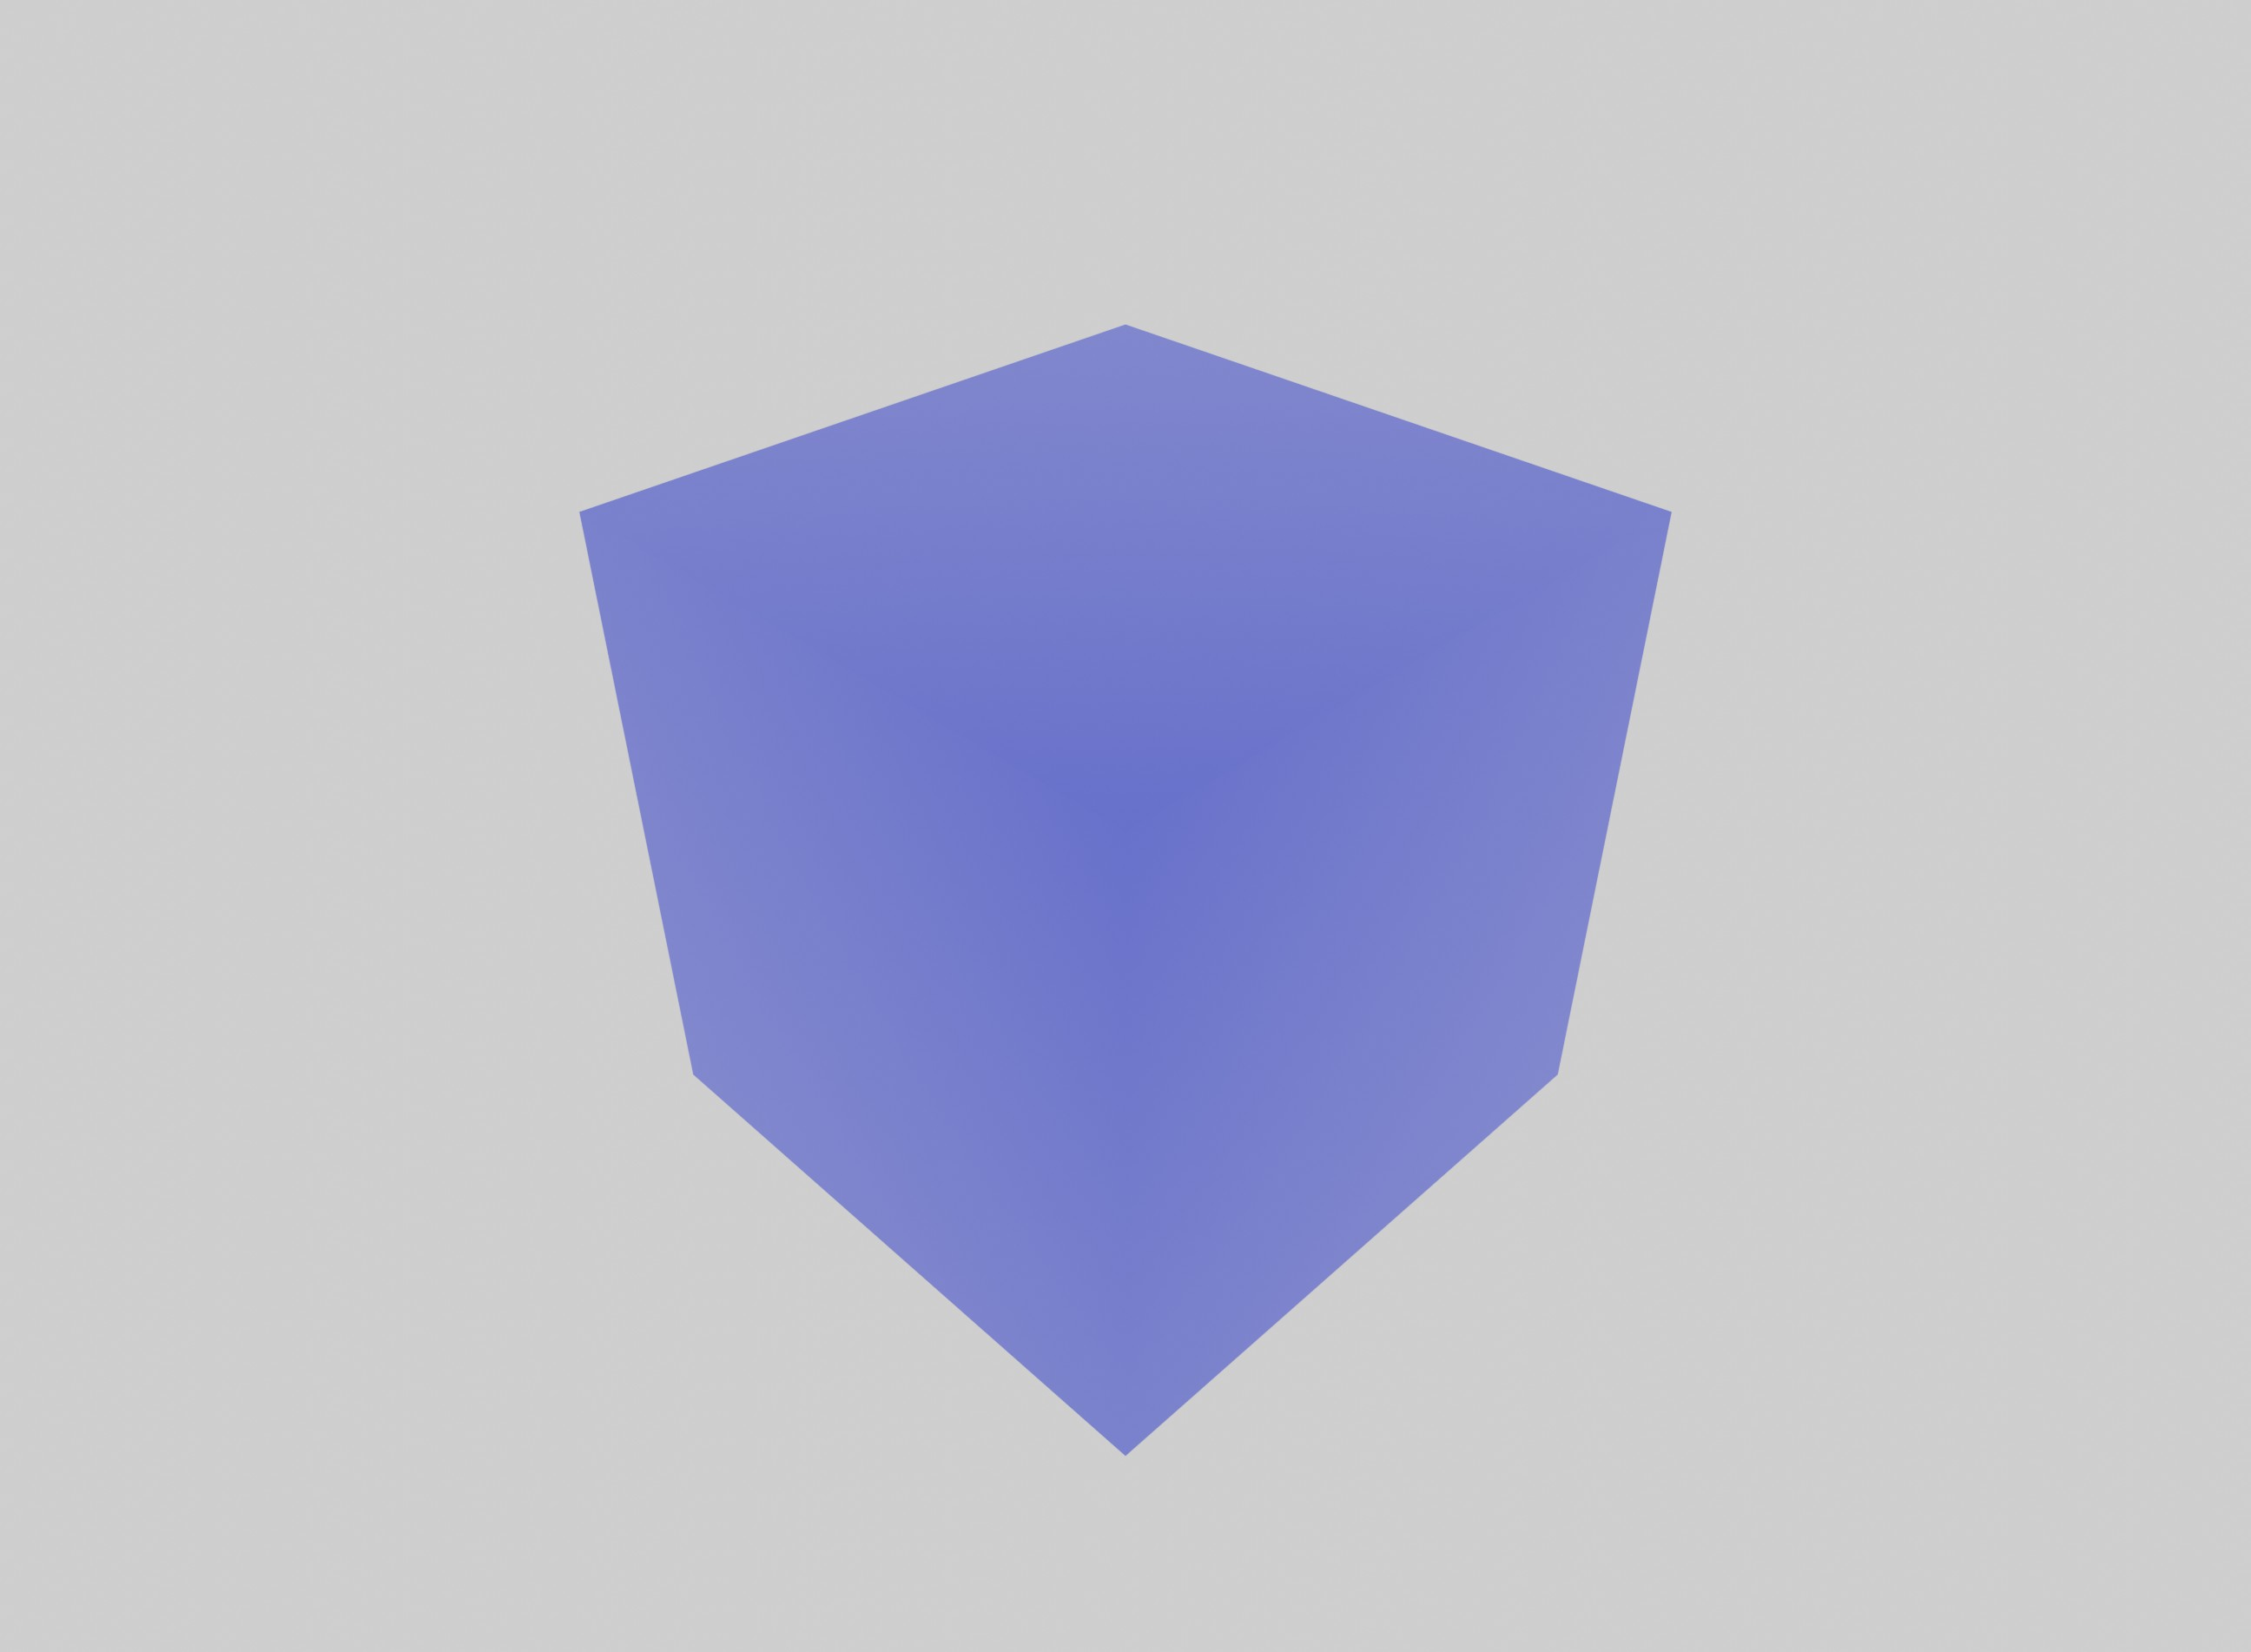 output/example-test_cube-image.jpeg